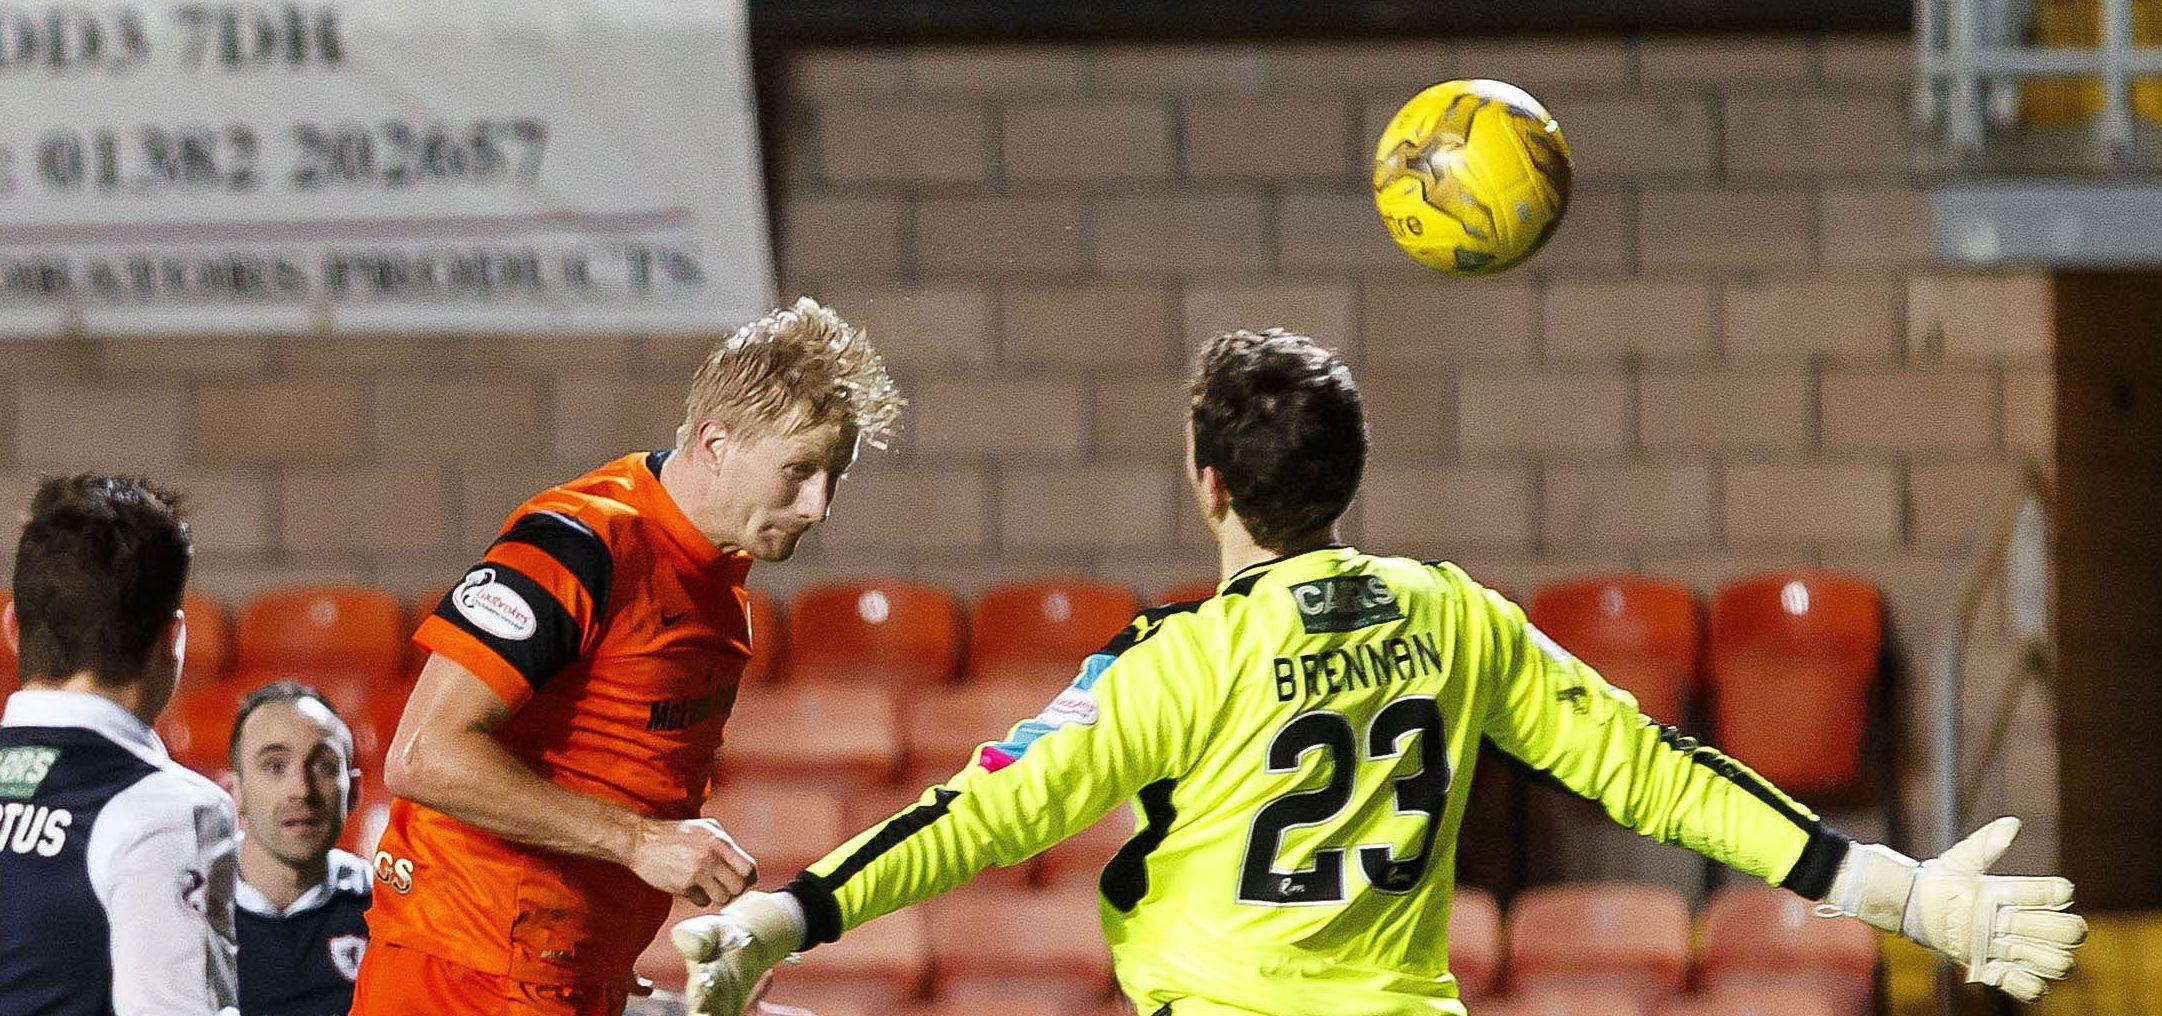 Thomas Mikkelsen scores his first goal on Saturday.